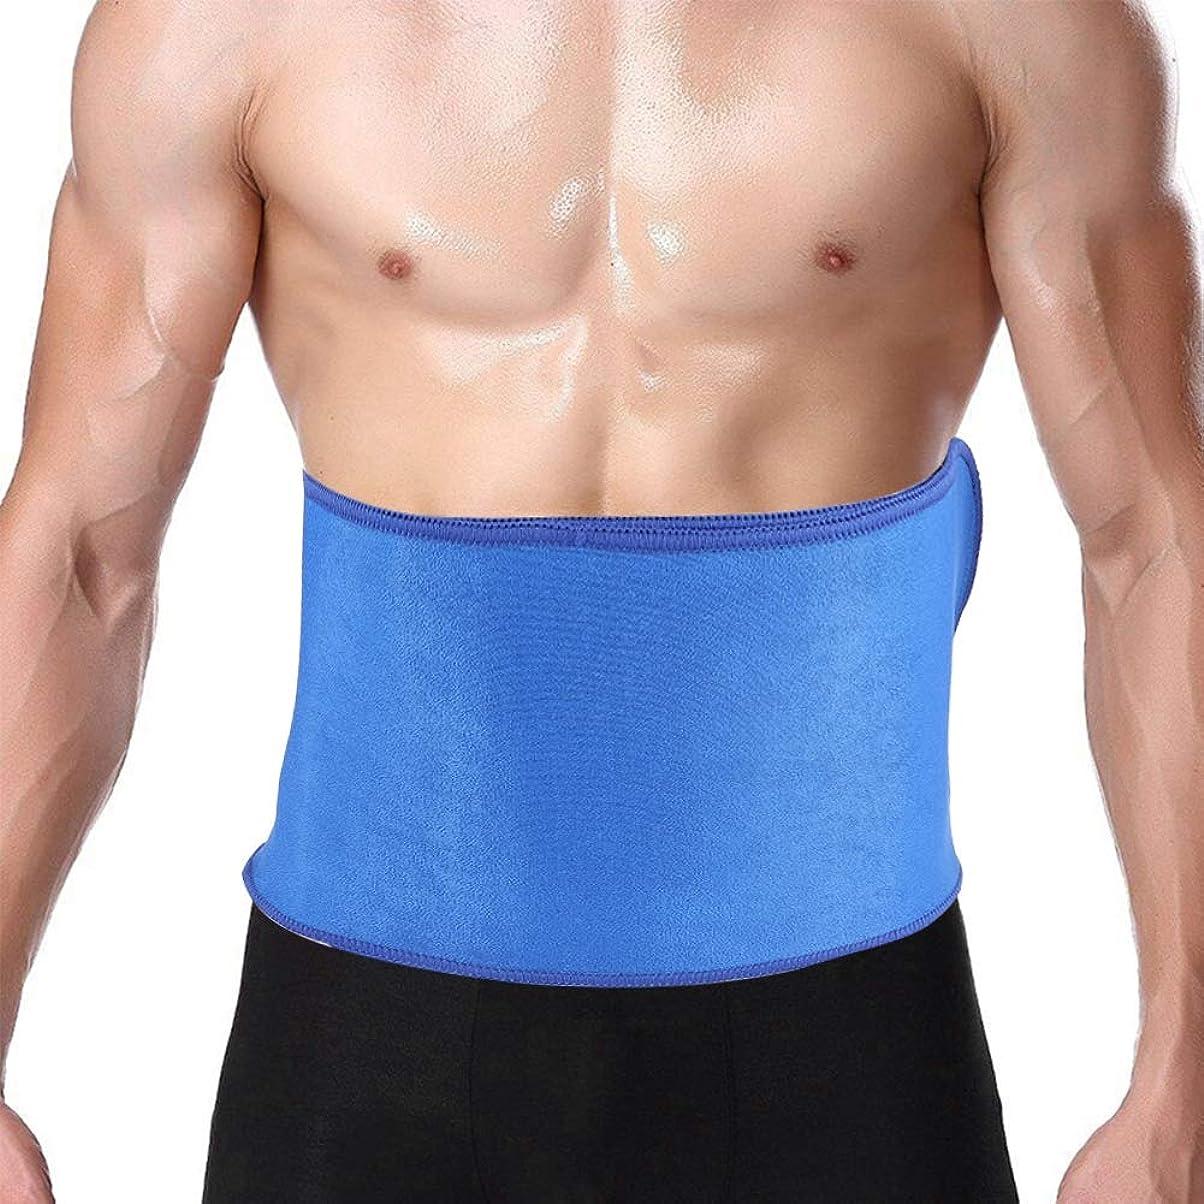 ヒール連鎖学校調節可能 ウエストトレーナーベルト ユニセックス ウエストトリマー ランバーバックブレースサポートベルト ランバーバックプロテクター 体位補正 腰痛軽減 坐骨神経痛 側弯症